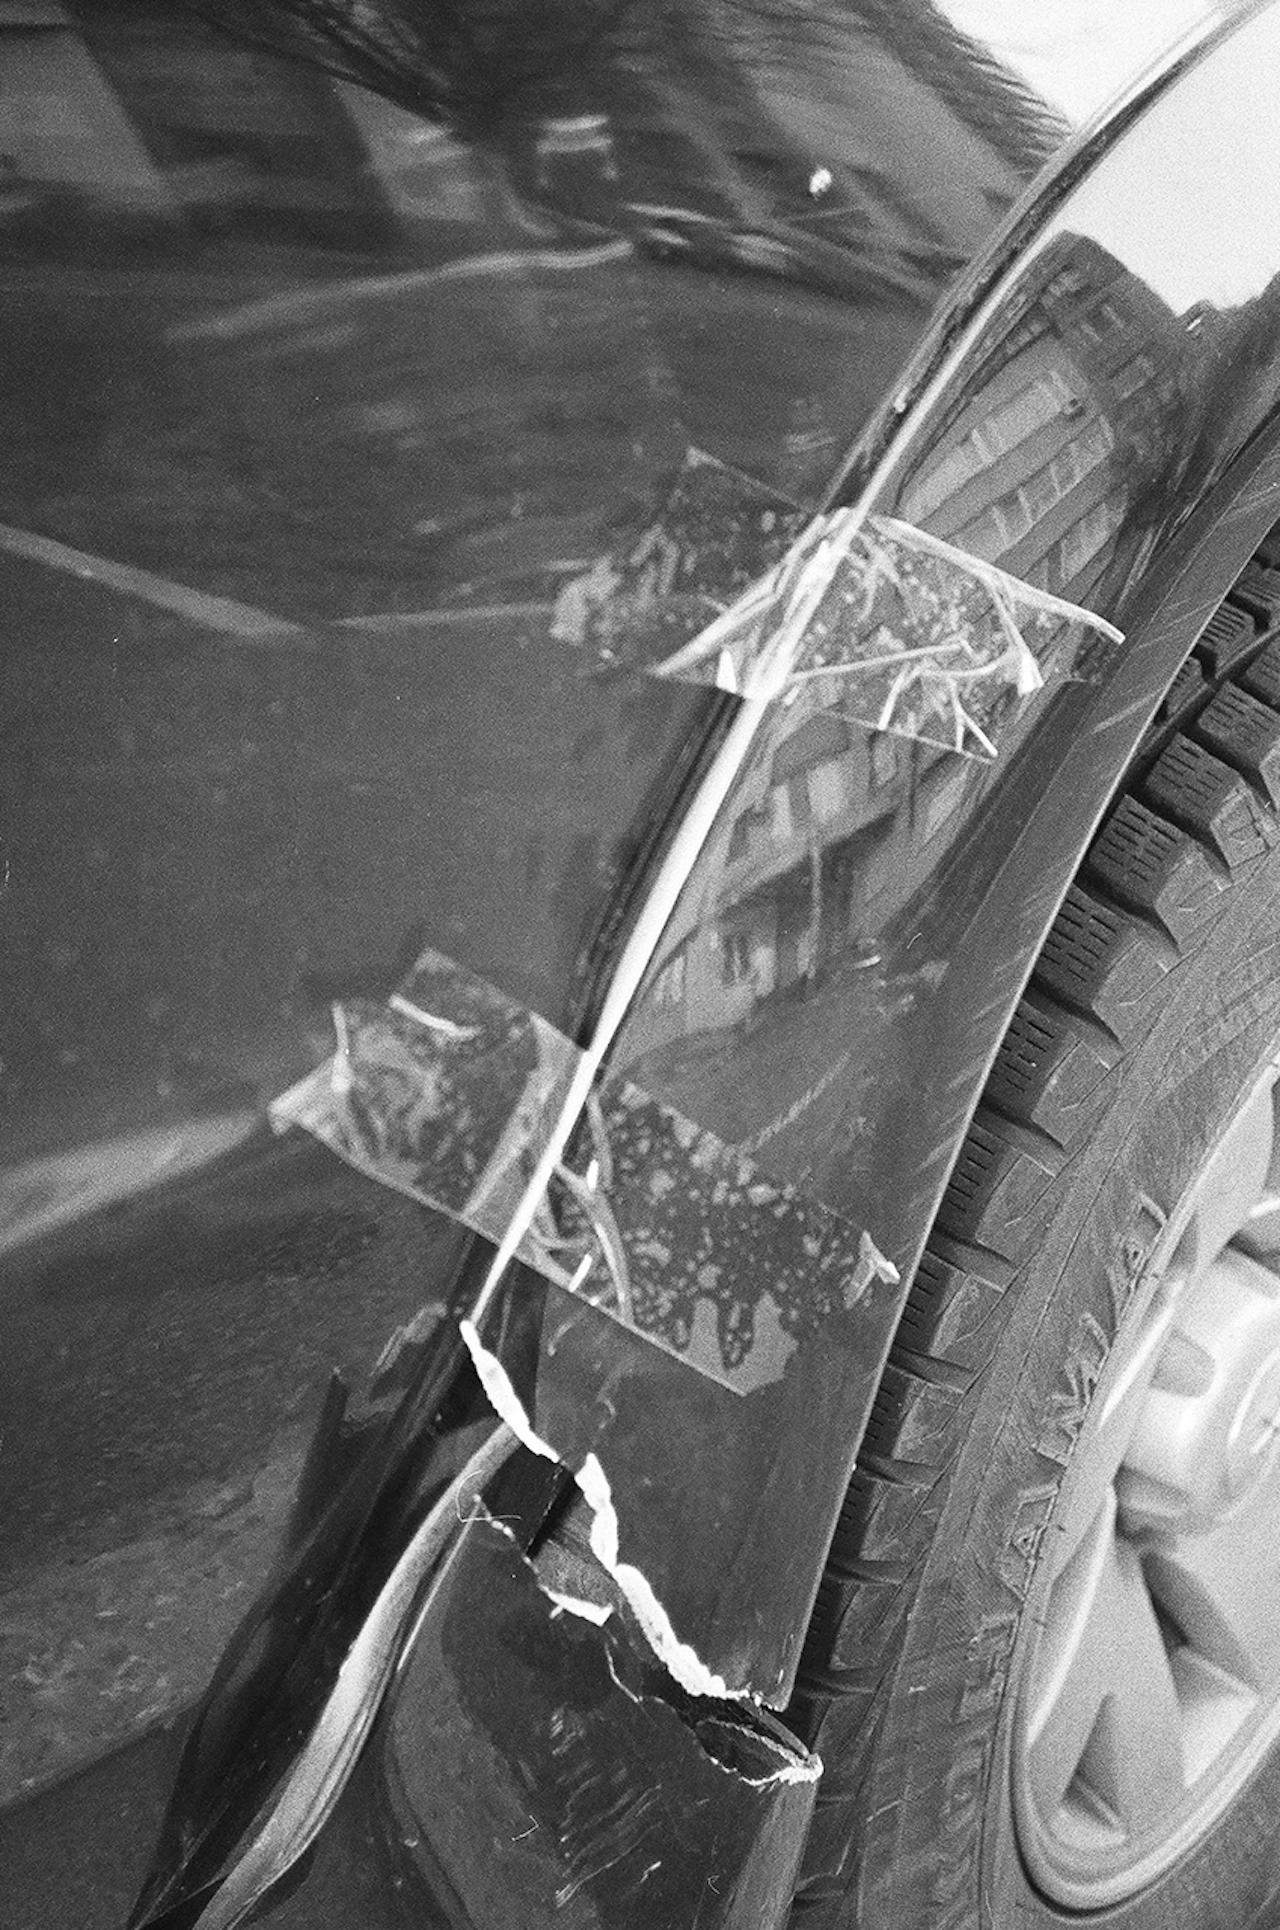 L'éphéméride du 30 janvier - L'avenir doit être un fruit et non un miracle. On ne peut pas se contenter de fermer les yeux et de plonger la main dans une pochette-surprise. Celui qui le fait peut en retirer une vétille - ou un diamant. Et, dans un cas comme dans l'autre, il ne retiendra que ce qui lui appartient vraiment, ce qui lui convient.Lettre de Henry Miller à Anaïs Nin - 8 décembre 1934